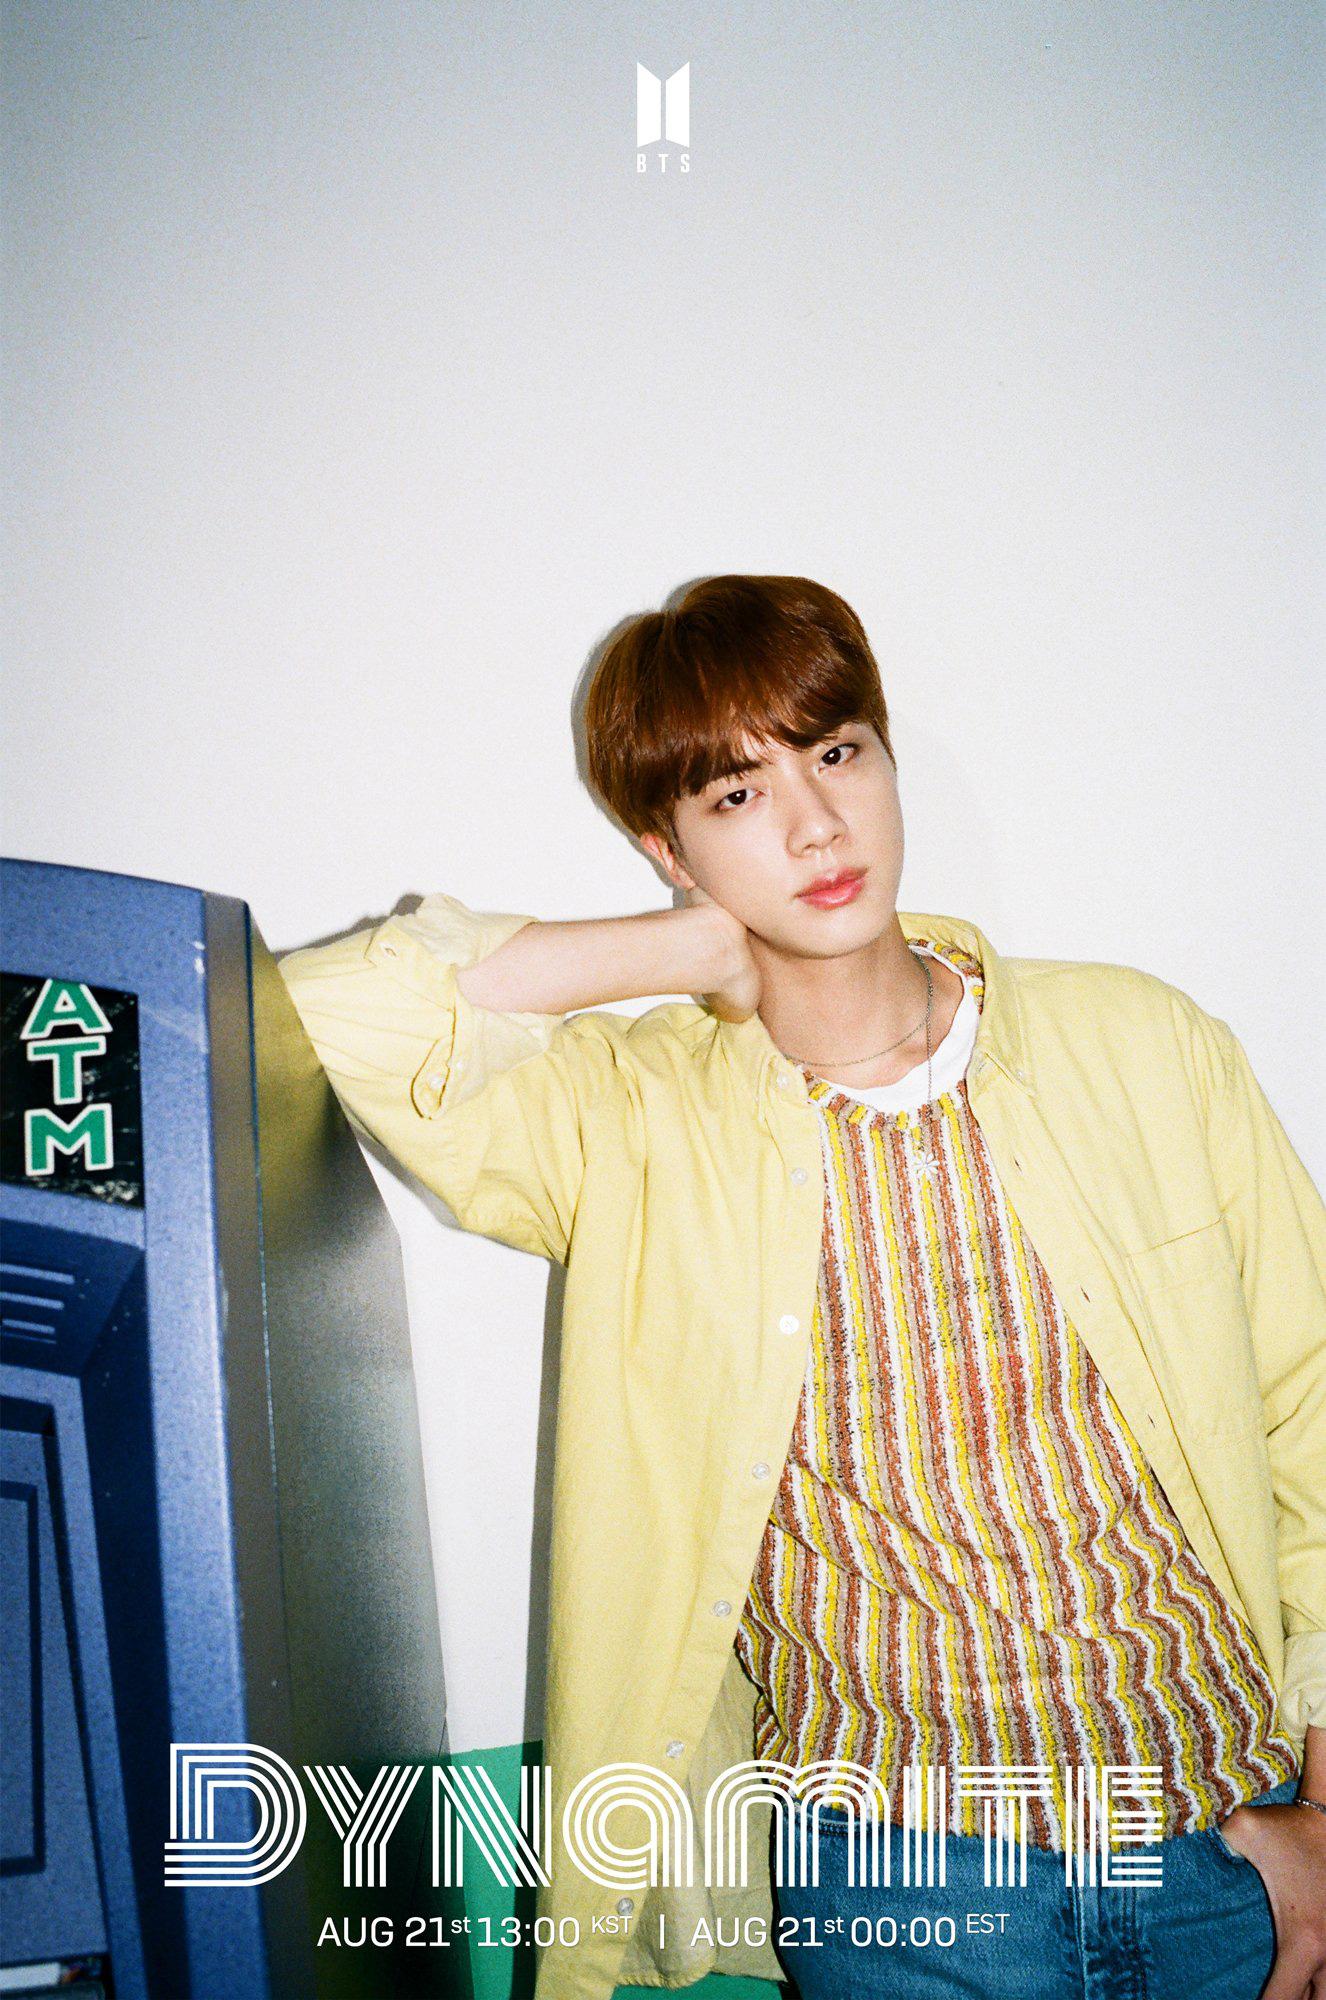 Song Kang 'xỉu ngang xỉu dọc' khi lần đầu gặp Jin: Anh cả BTS đích thị là chiếc chồng quốc dân 4